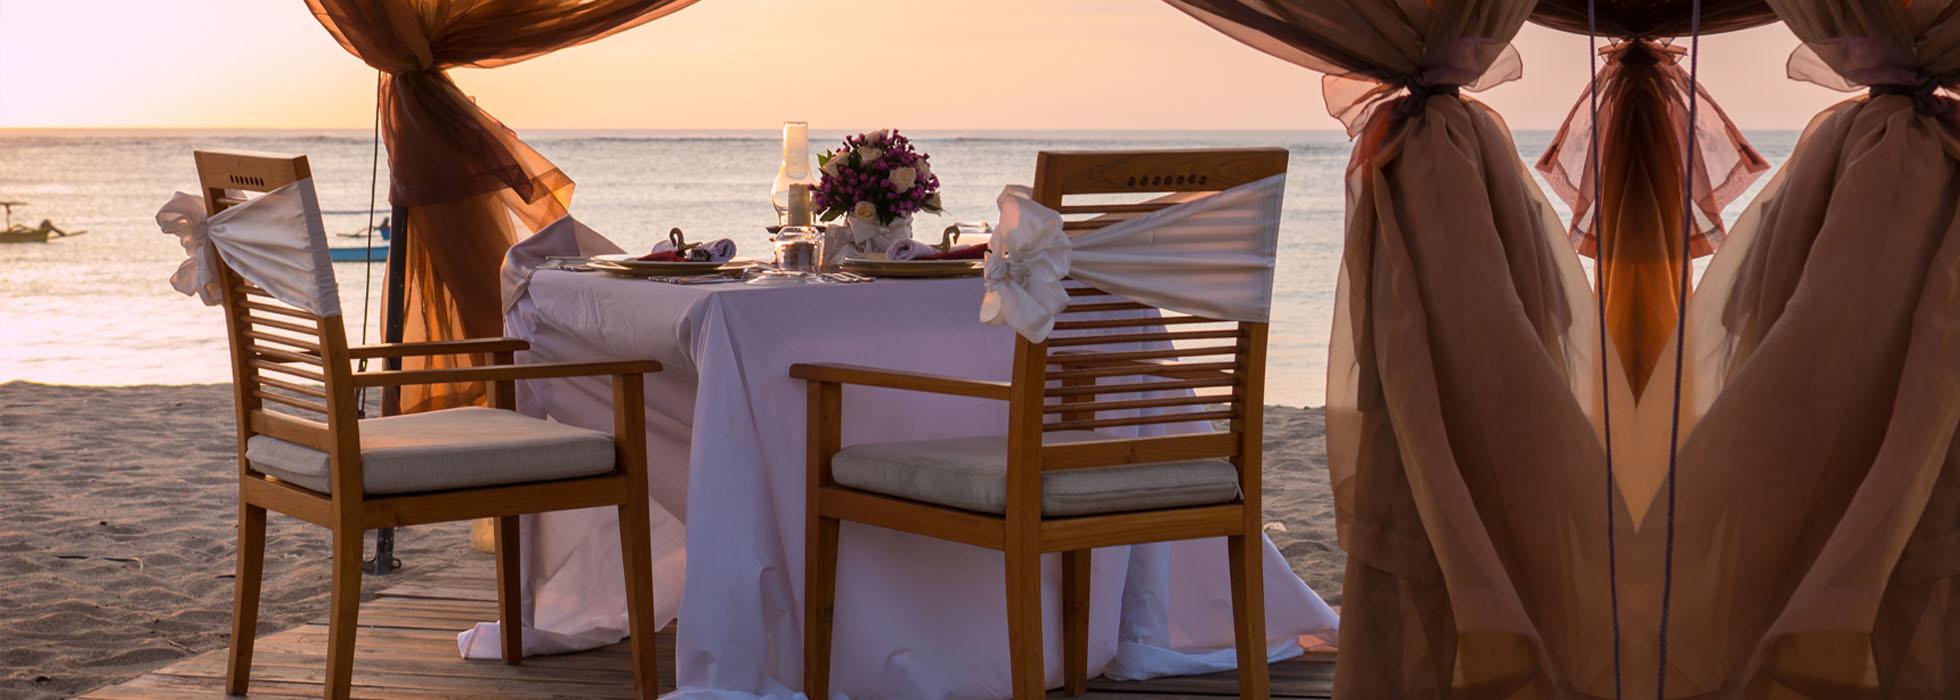 cena-en-la-playa